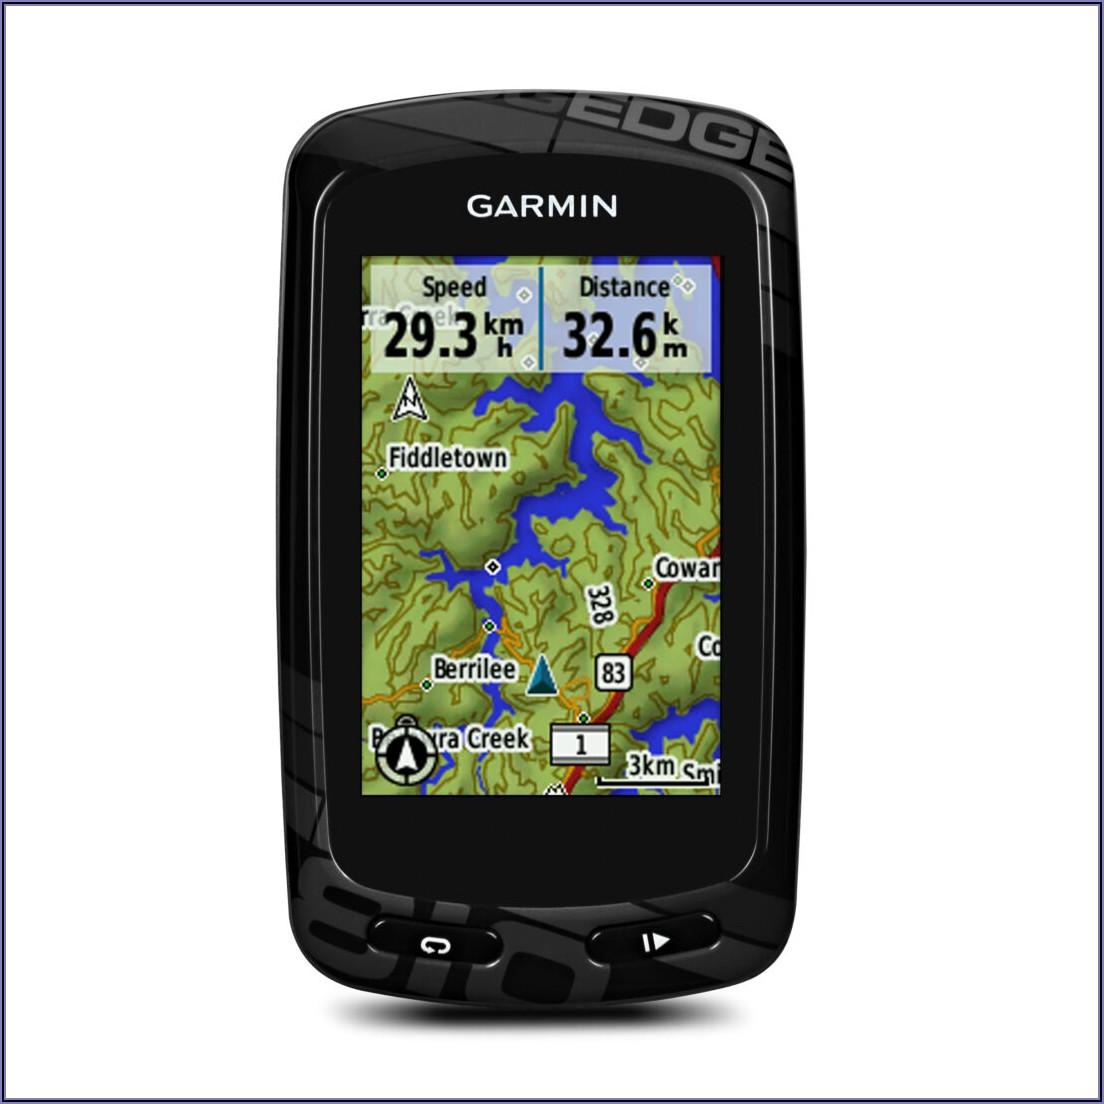 Garmin Edge 810 Maps